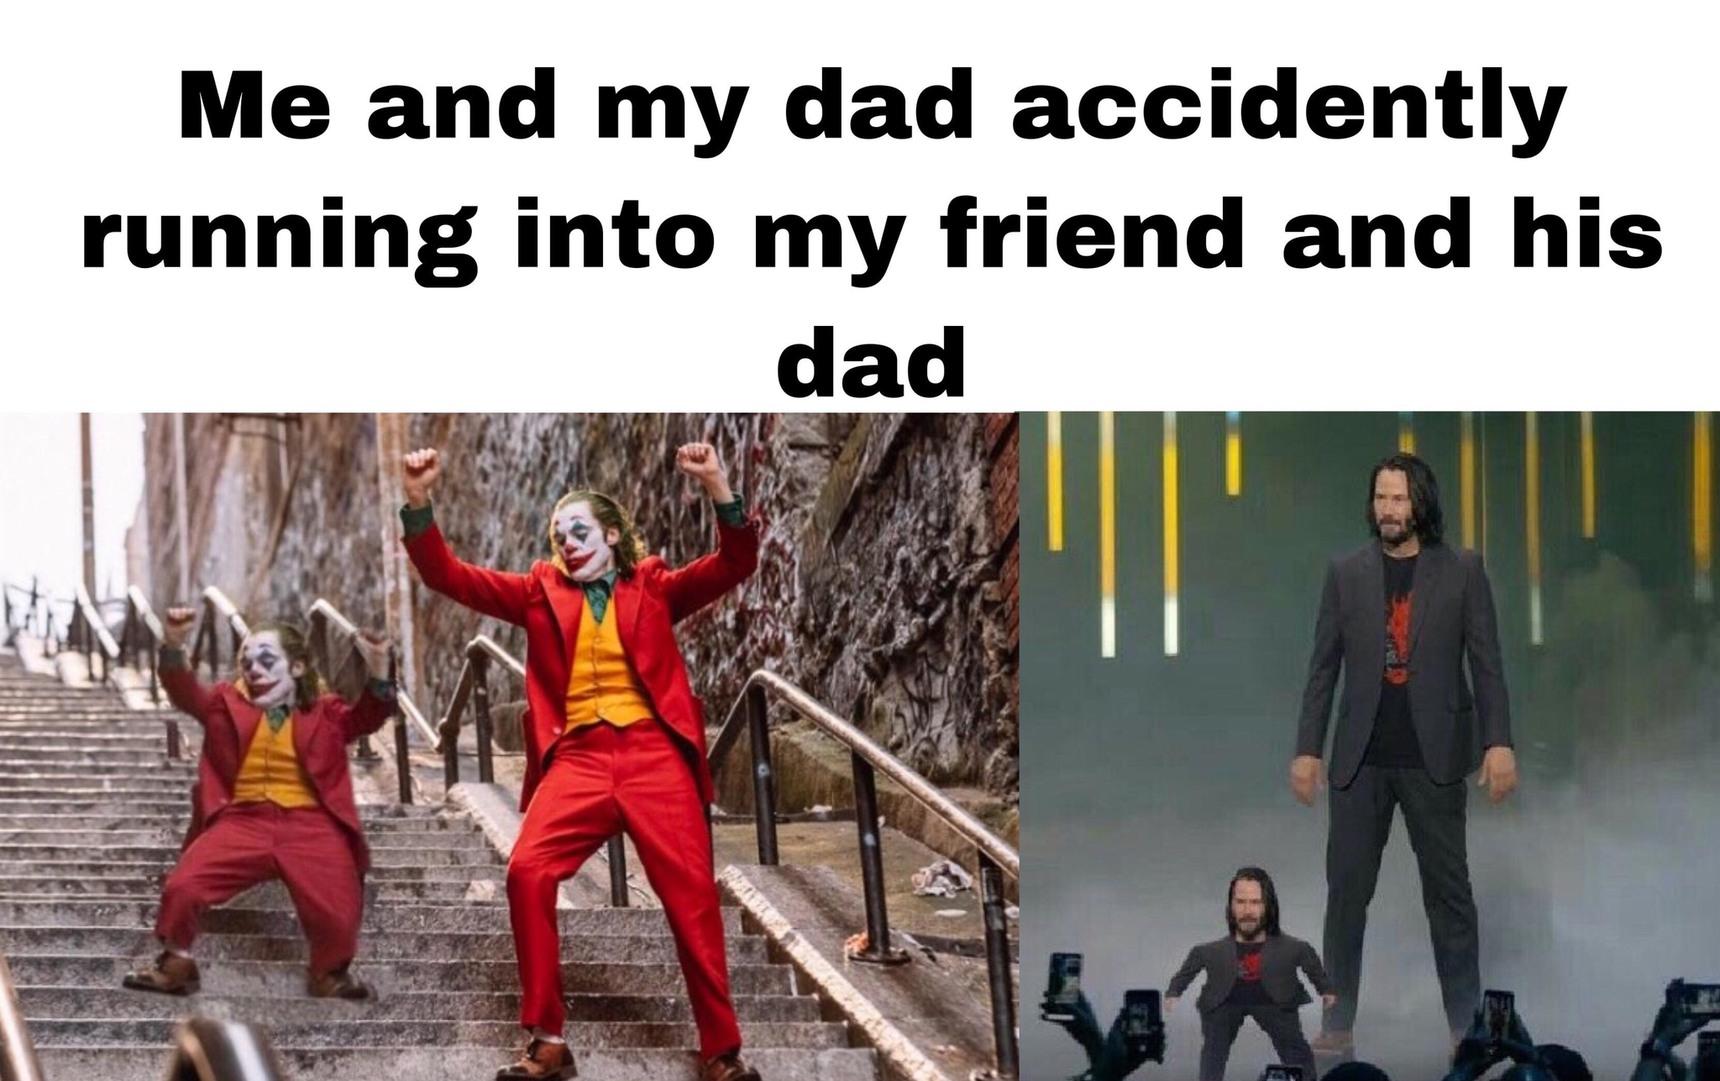 Always fun - meme